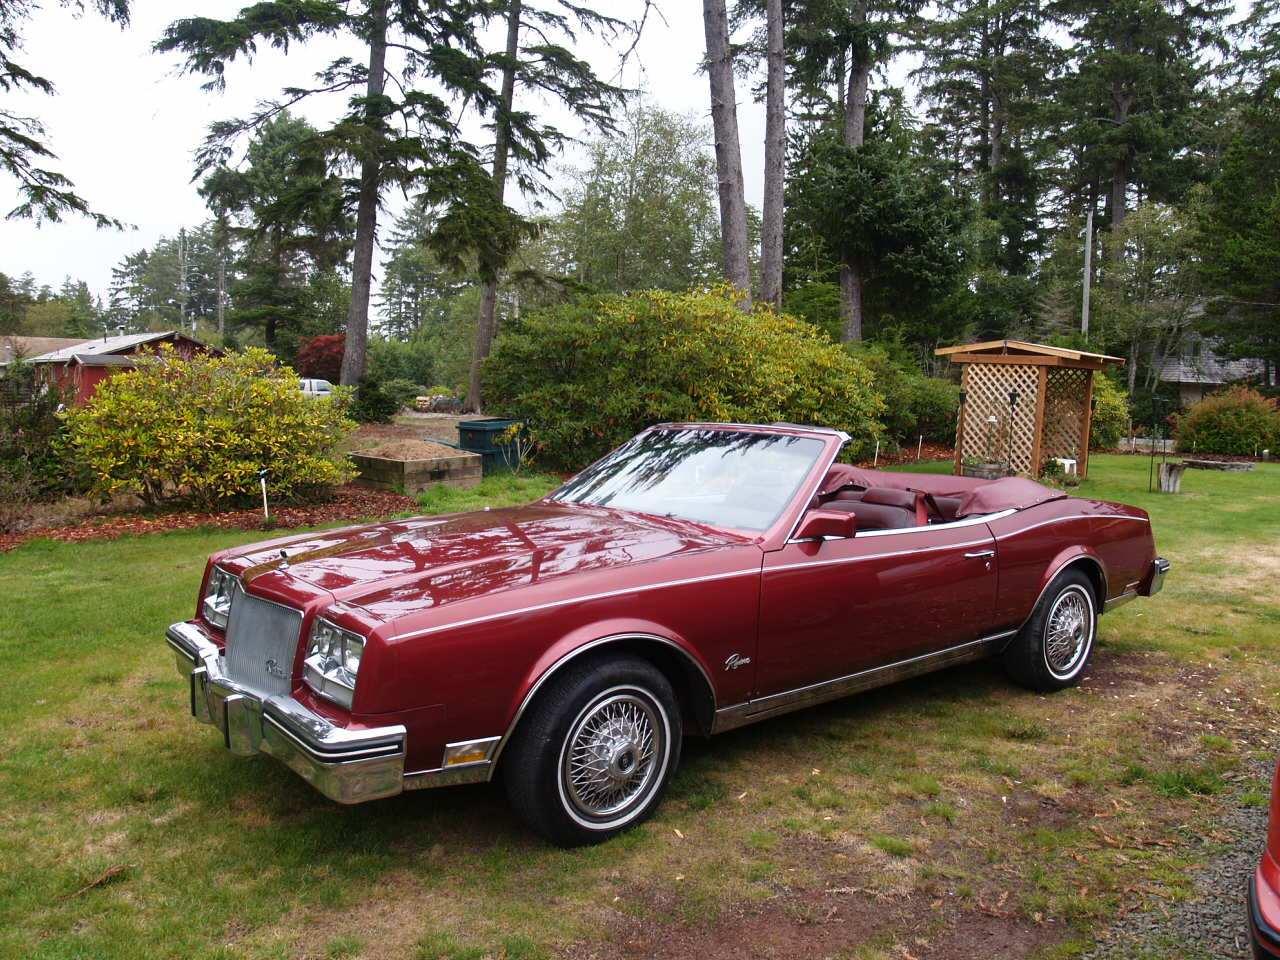 1995 Eldorado Cadillac Pictures Of Cadillac Eldorado 1995 2002 1024x768 Cadillac Eldorado